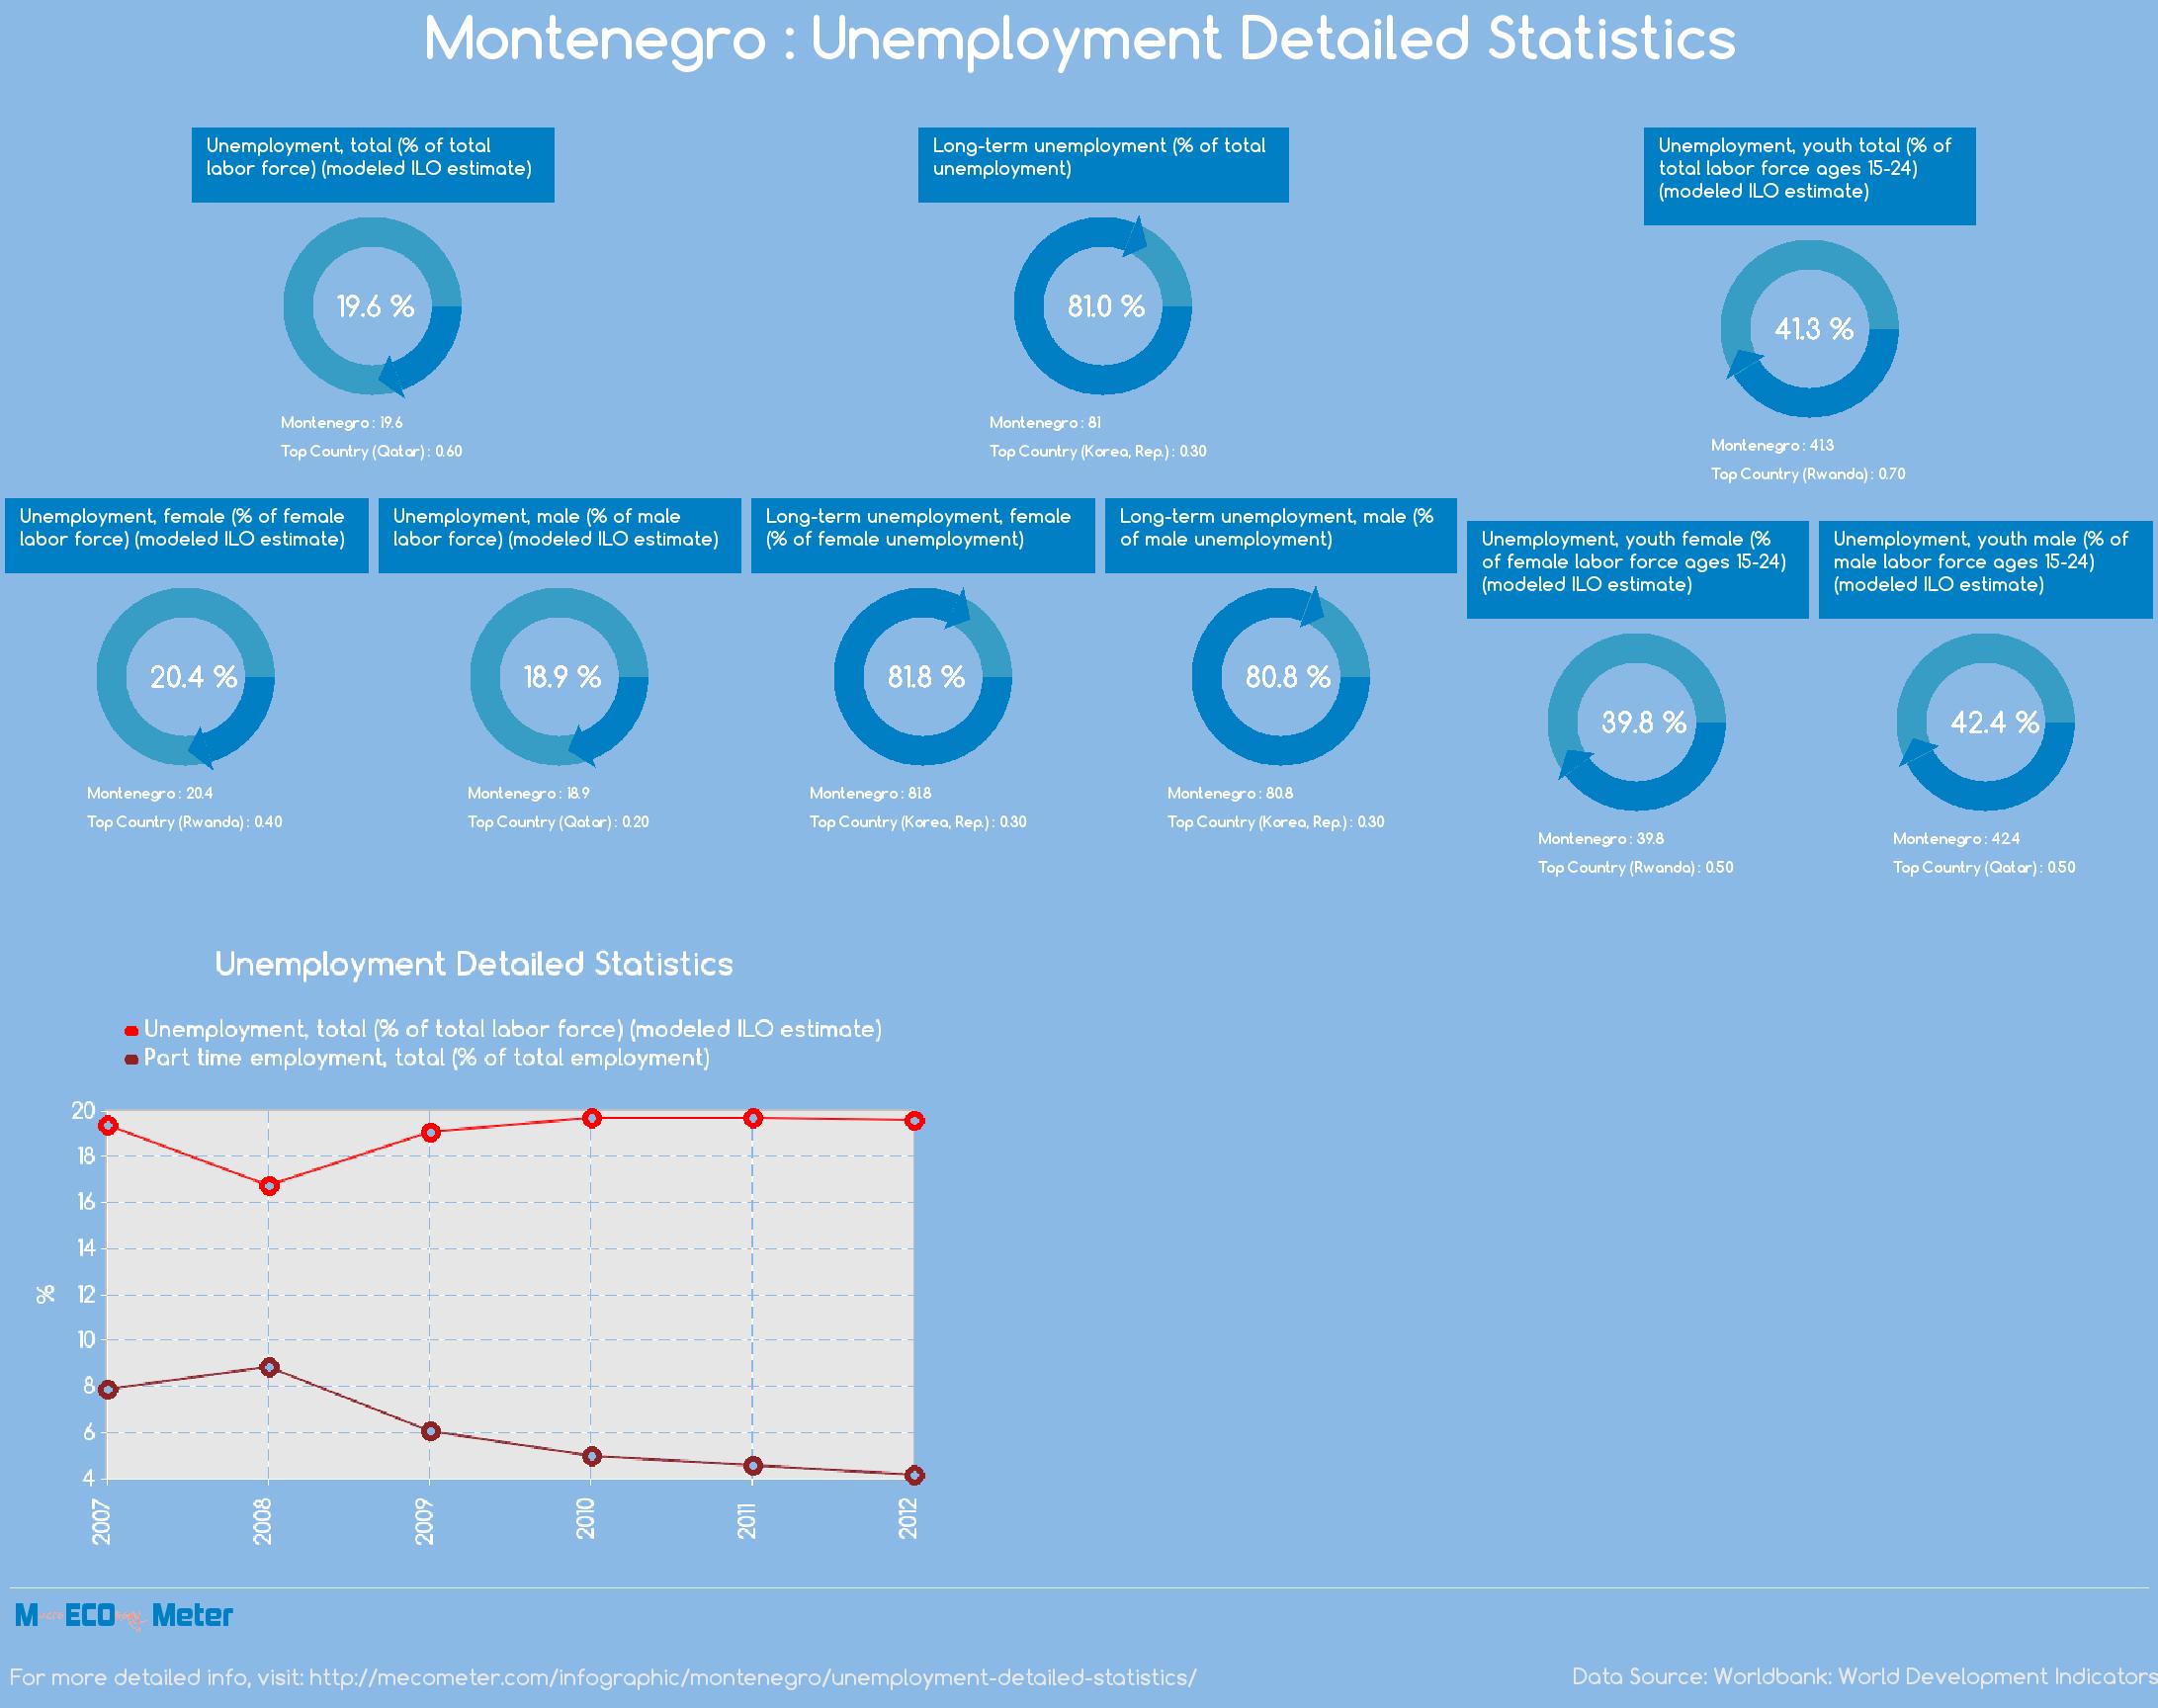 Montenegro : Unemployment Detailed Statistics